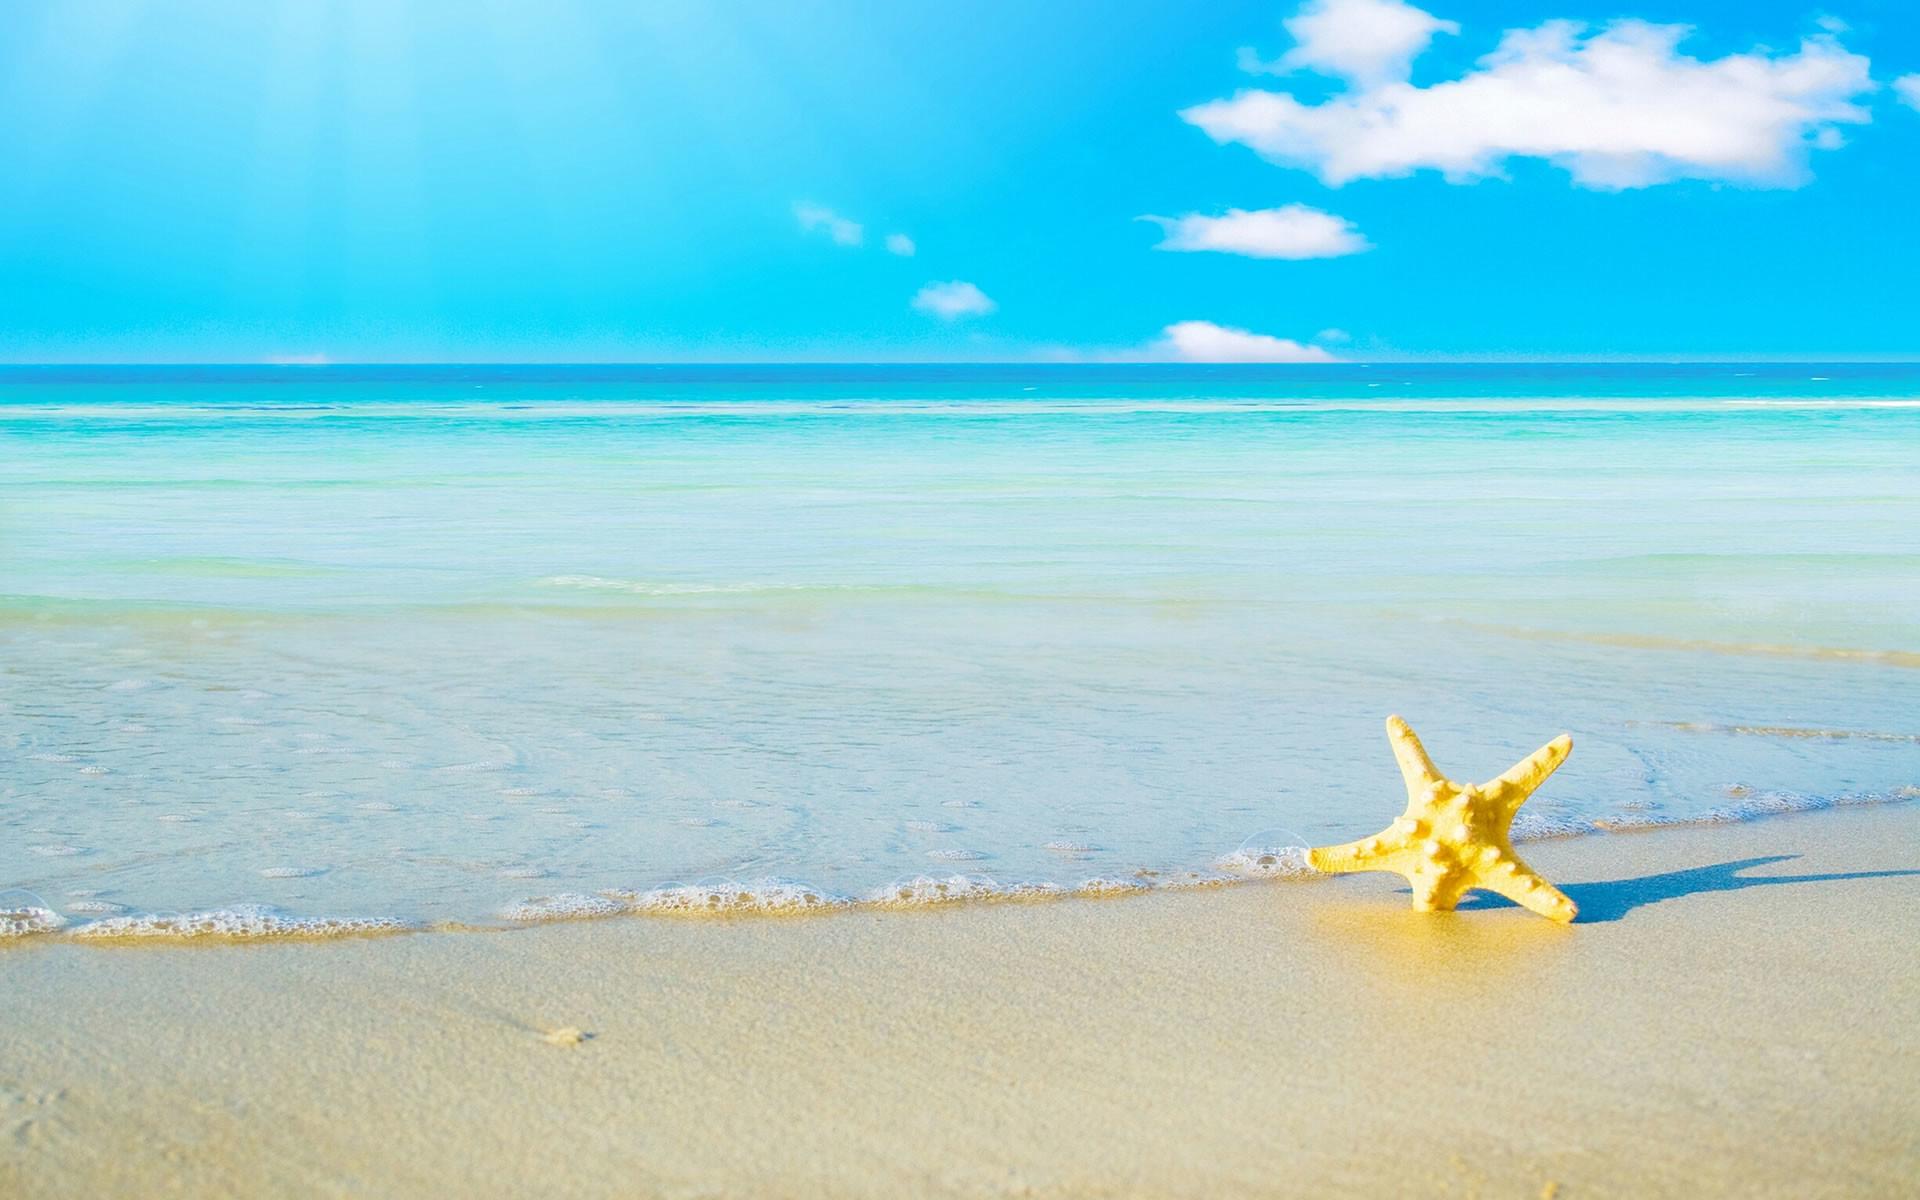 Desktop Beach summer backgrounds.